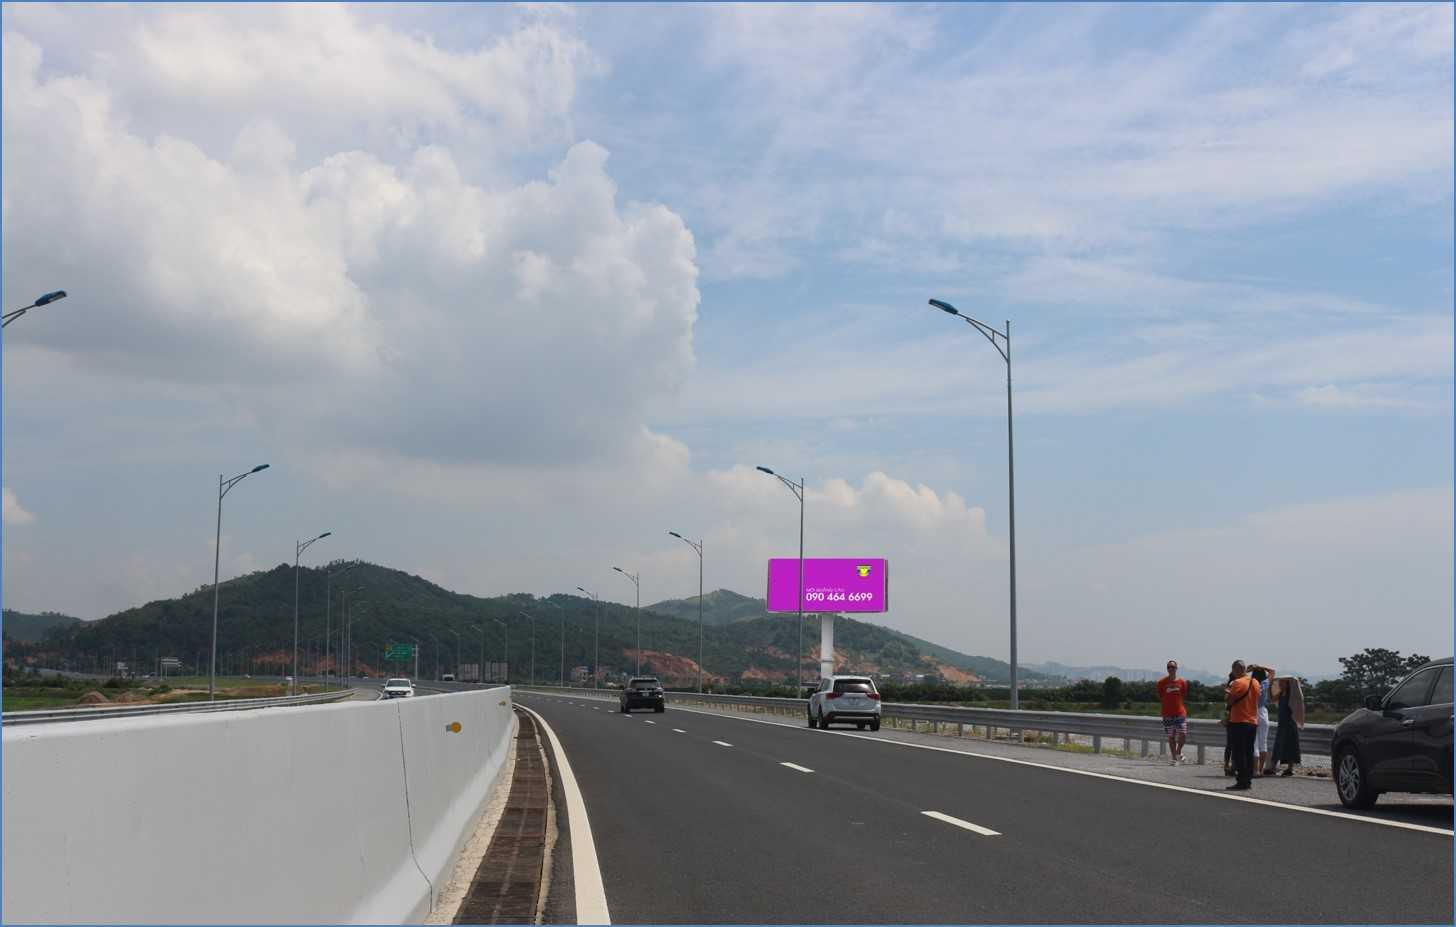 Quảng cáo HL46 - Quốc lộ 18, Tp Hạ Long, Quảng Ninh